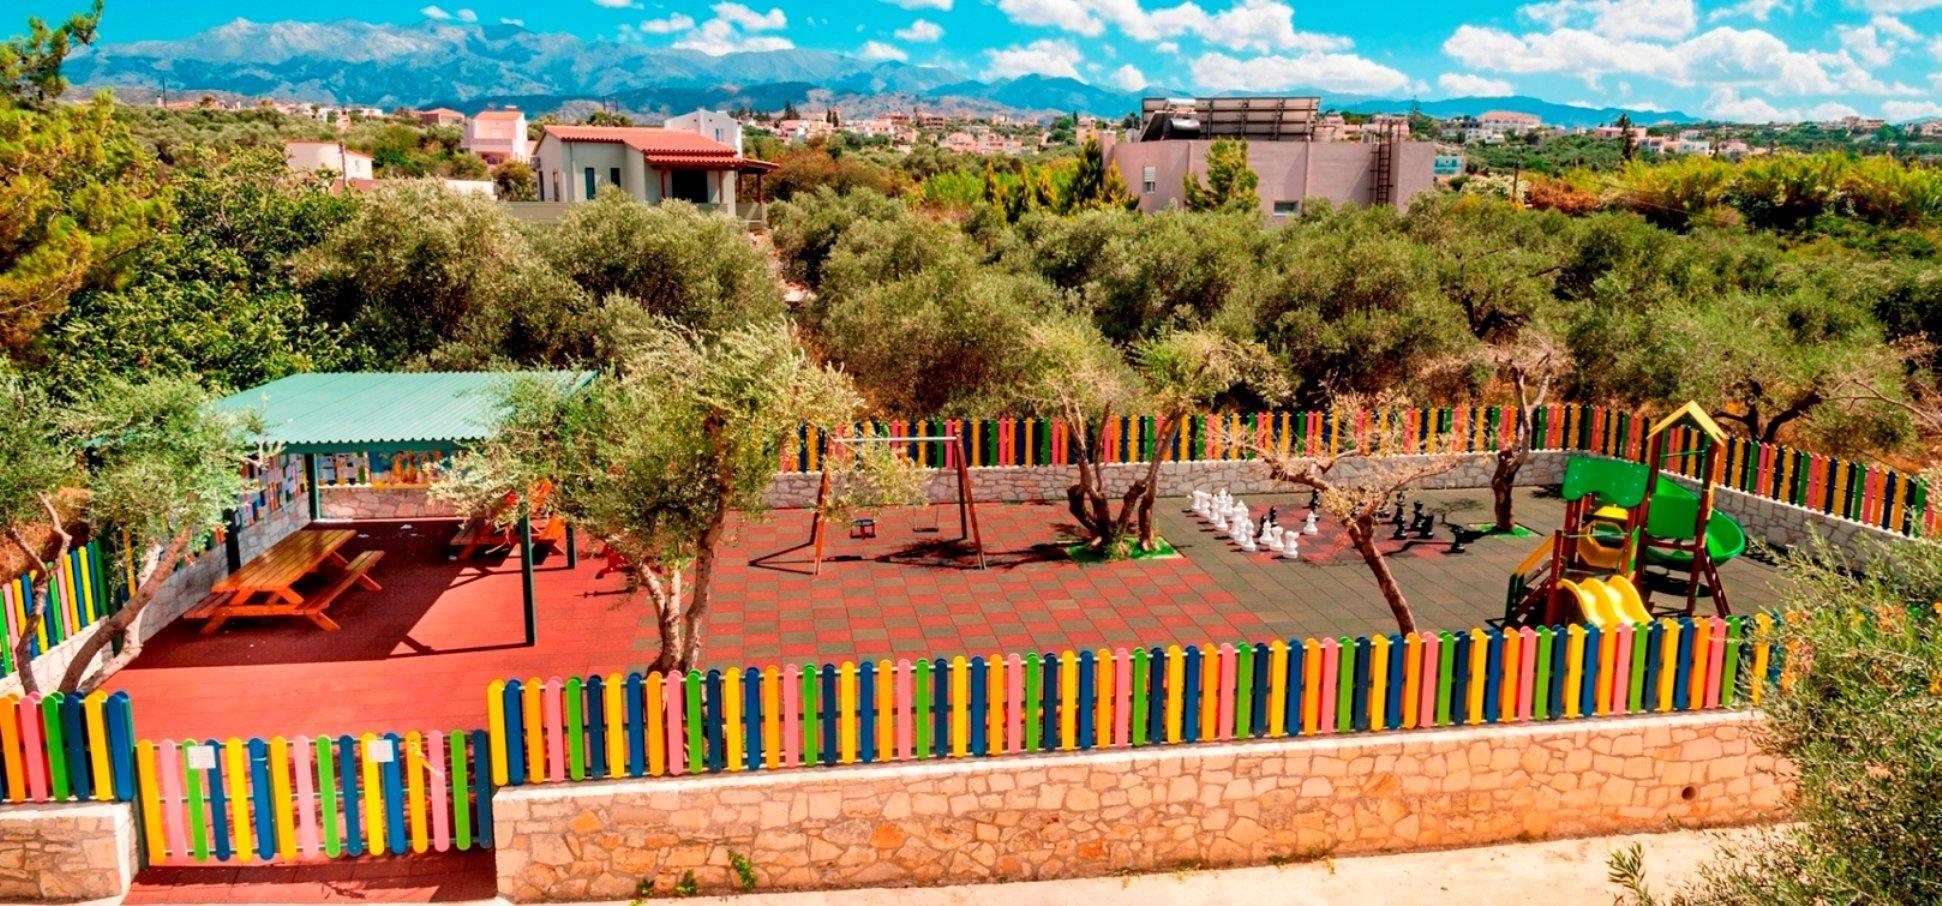 sirios-village-luxury-hotel-bungalows-genel-0020